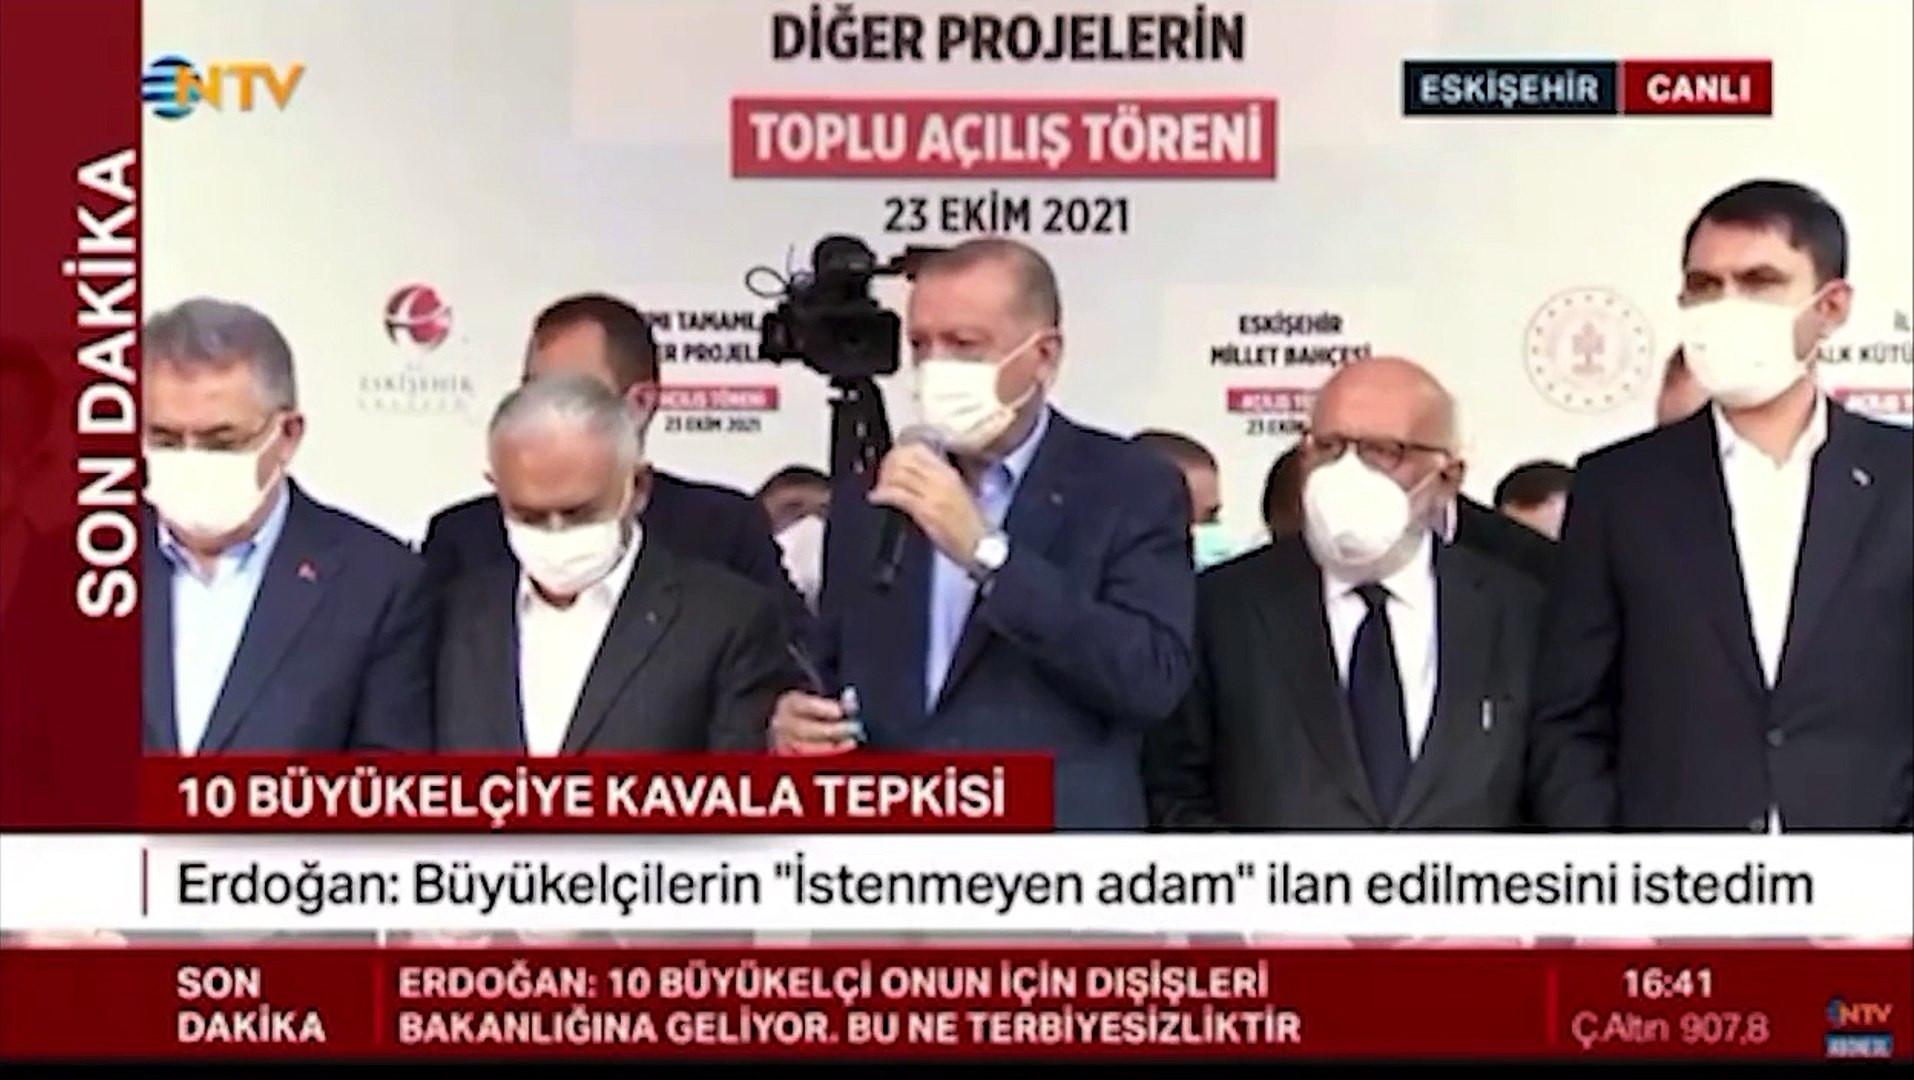 Cumhurbaşkanı Erdoğan'dan yardım isteyen vatandaşın sesini basıtrdılar!